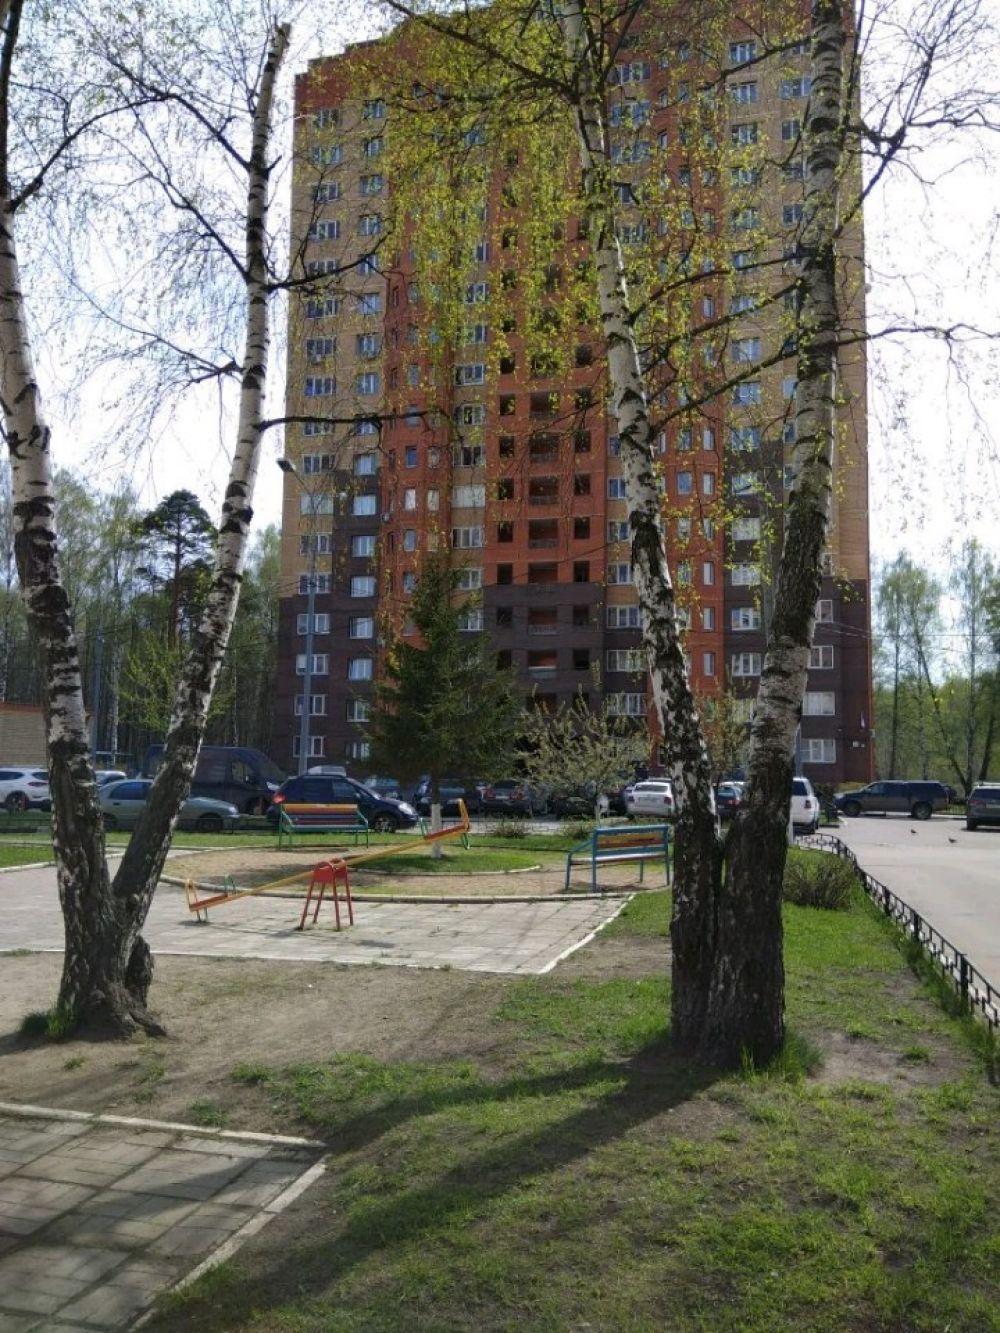 Однокомнатная квартира Московская область г. Королев, ул Мичурина, д. 27 корп. 7, фото 3